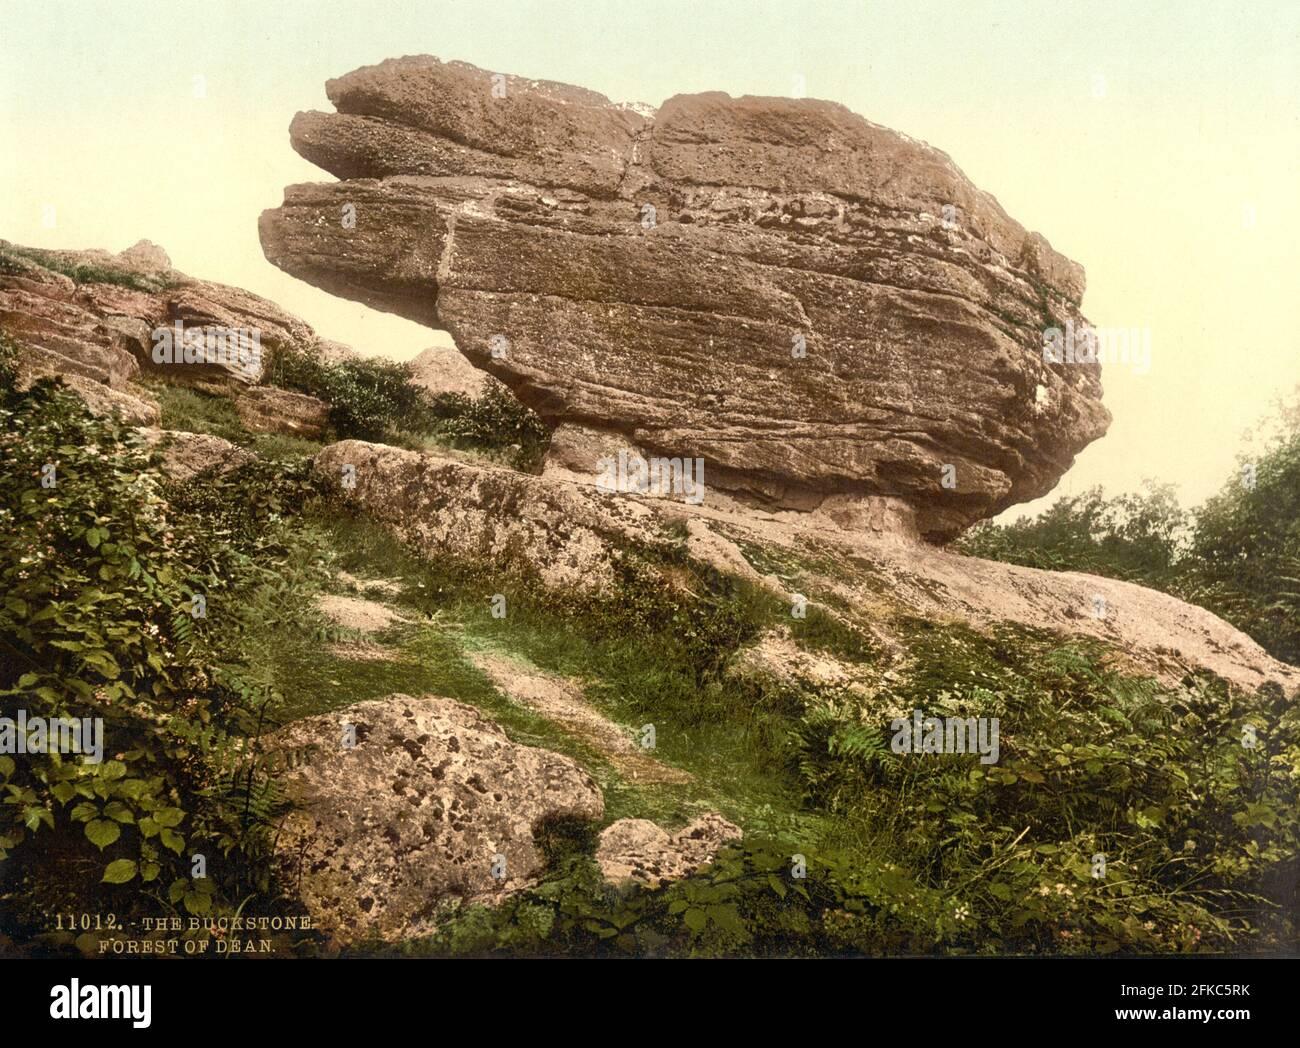 Le Buckstone dans la forêt de Dean dans Gloucestershire vers 1890-1900 Banque D'Images